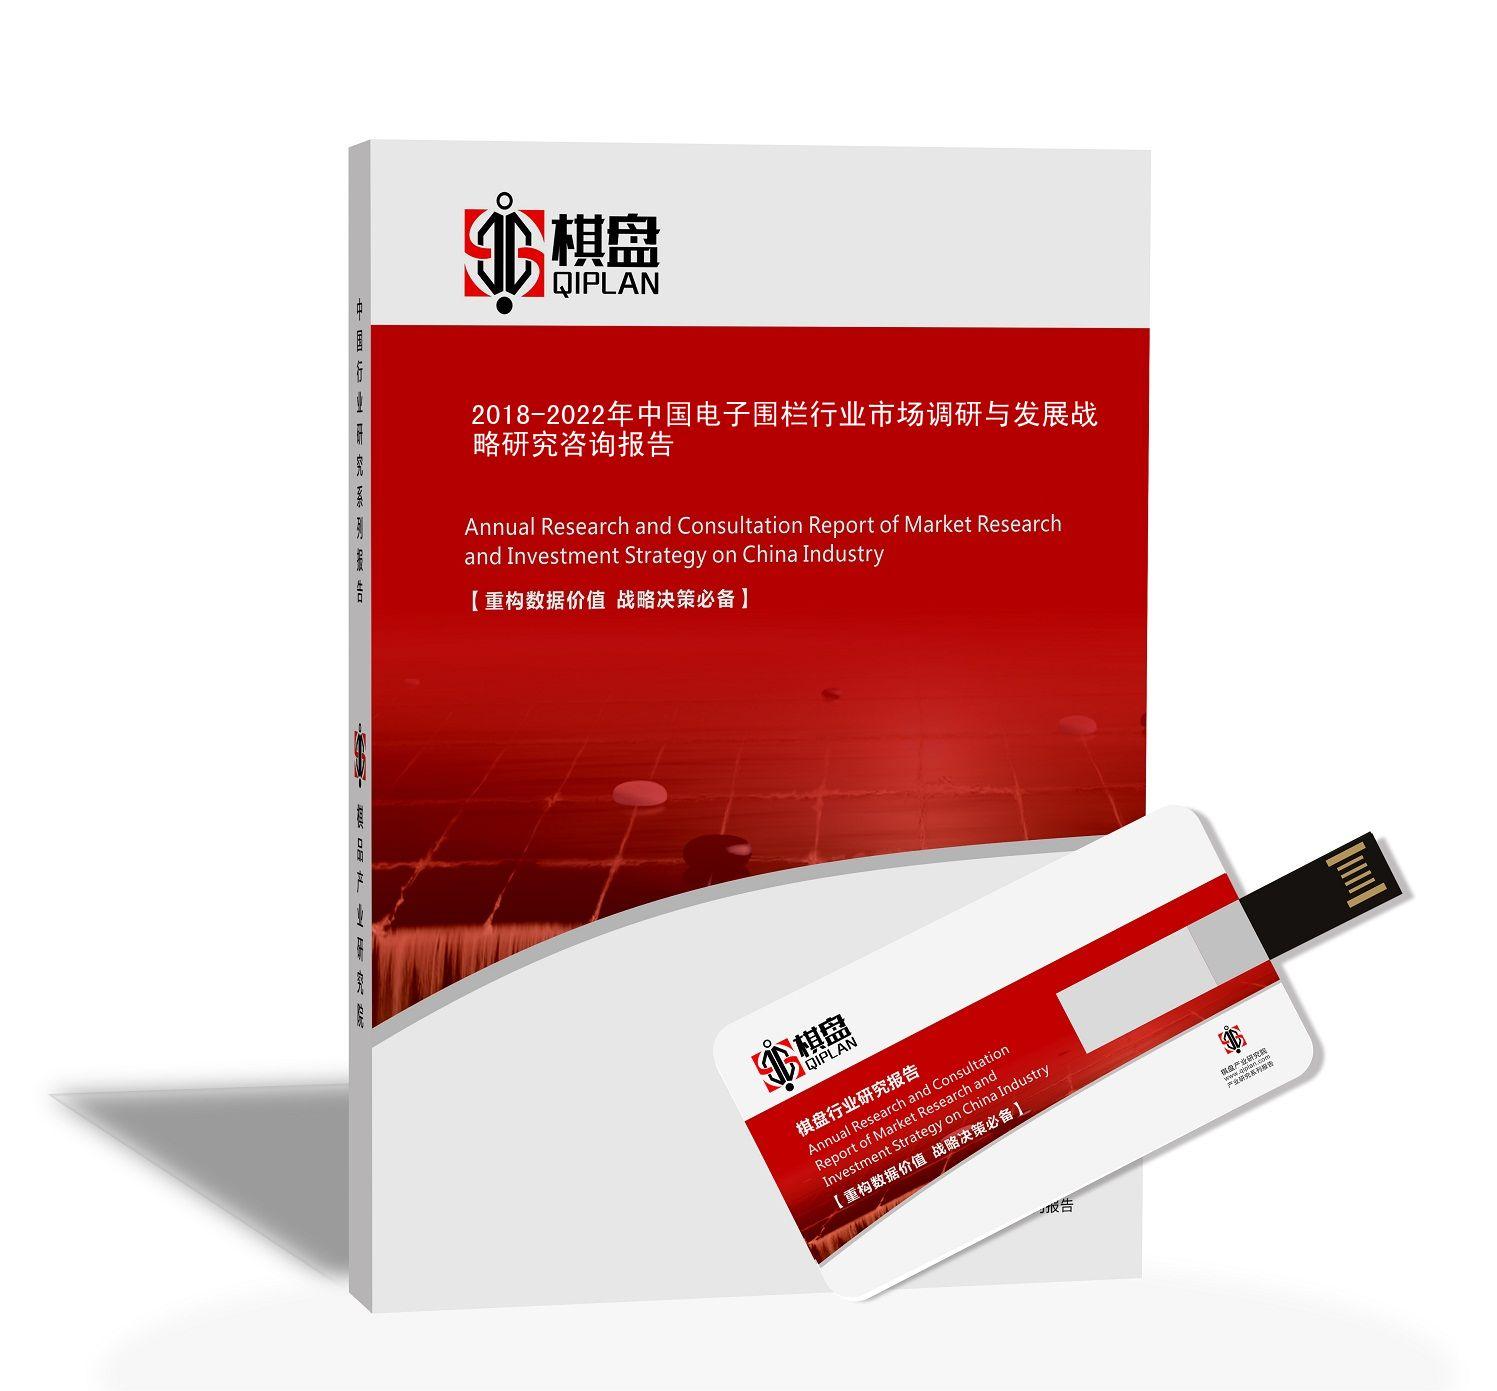 2018-2022年中国电子围栏行业市场调研与发展战略研究咨询报告